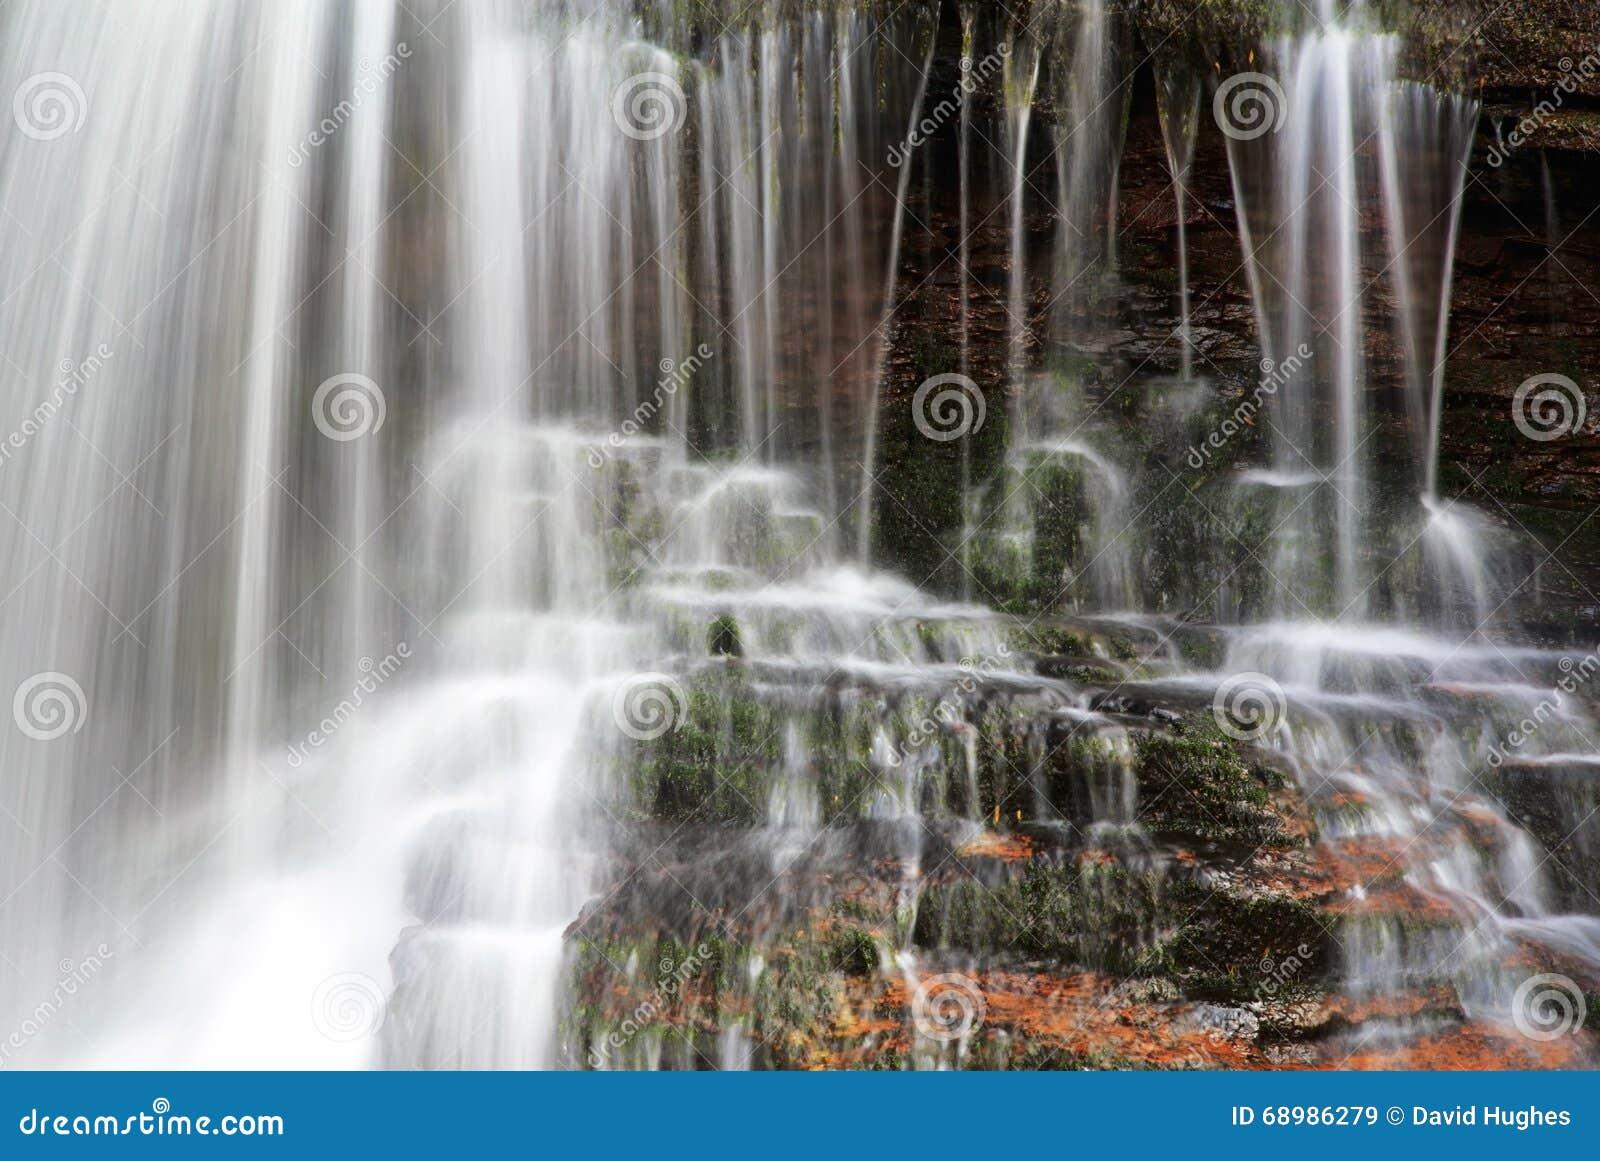 Detalle del agua borrosa que cae sobre musgo y roca roja